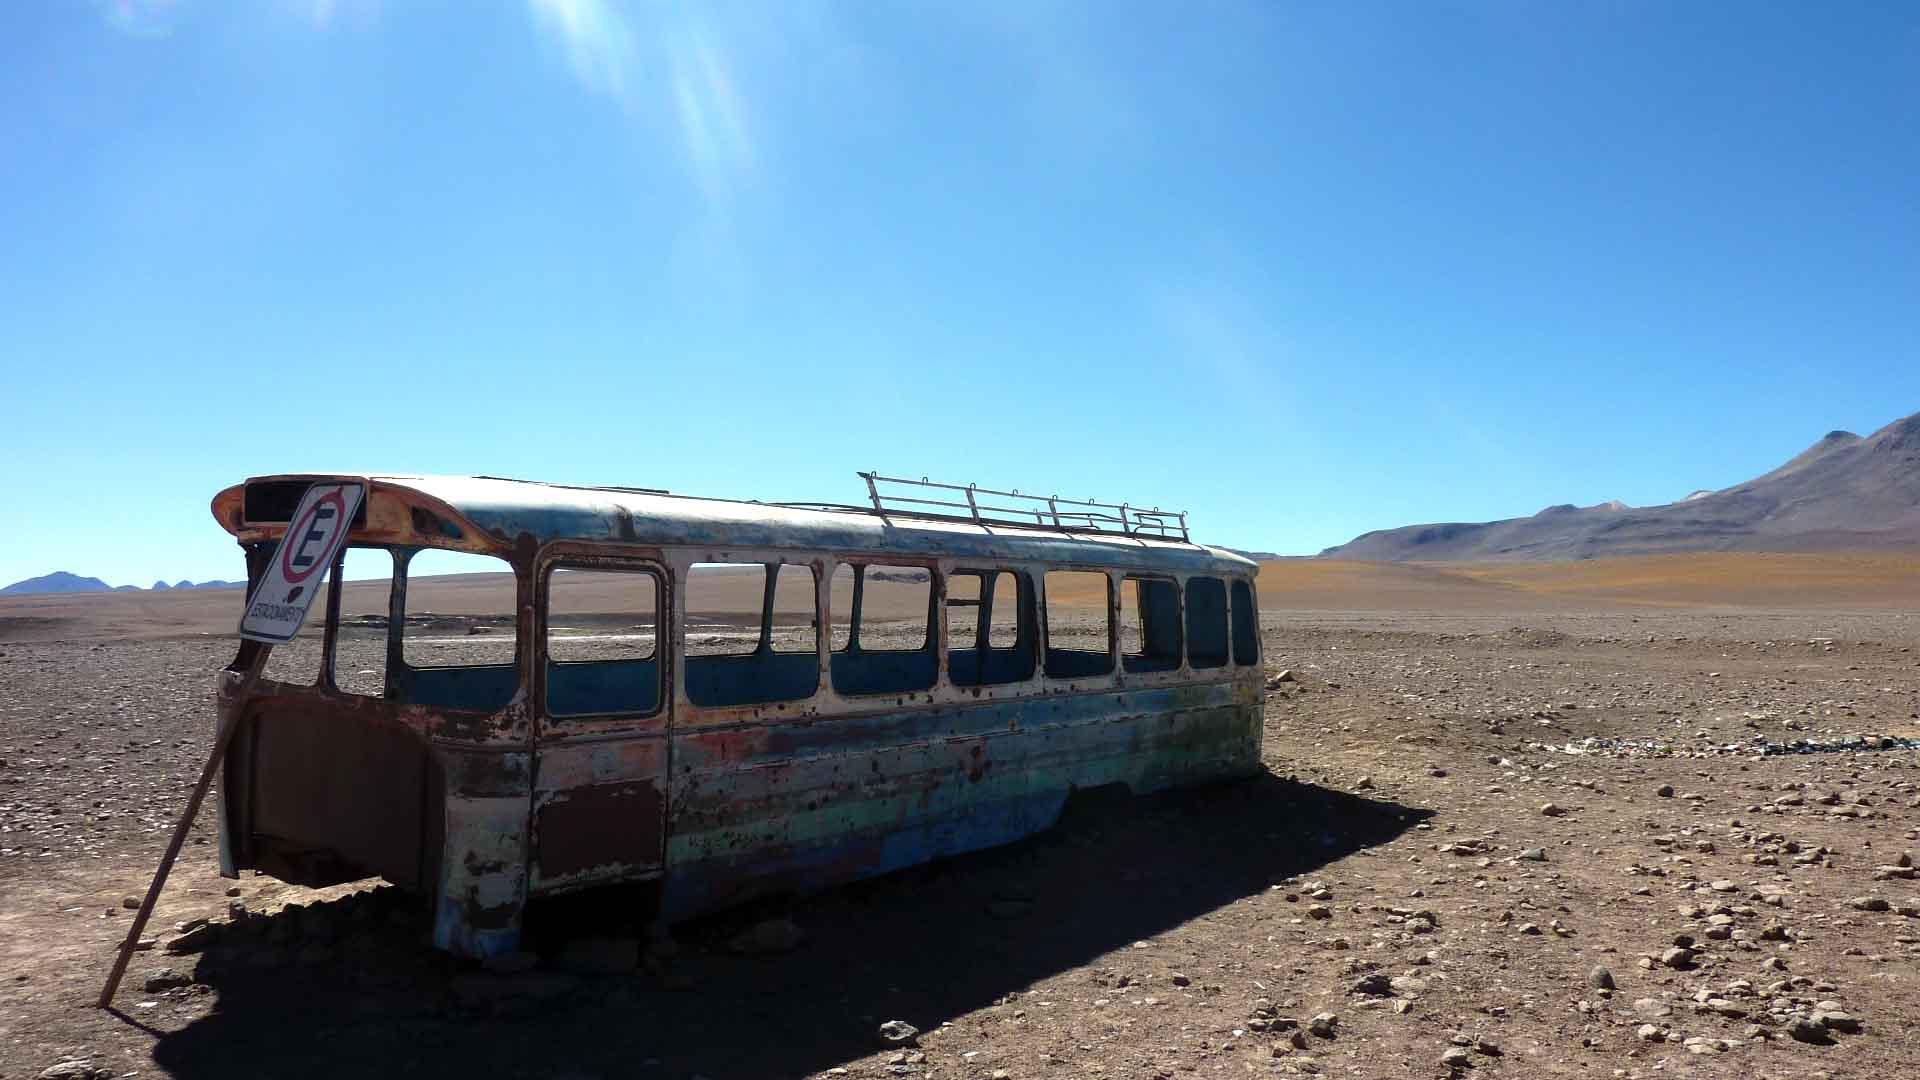 Verrostet in der Wüste - so sieht unser Bus vermutlich heute aus